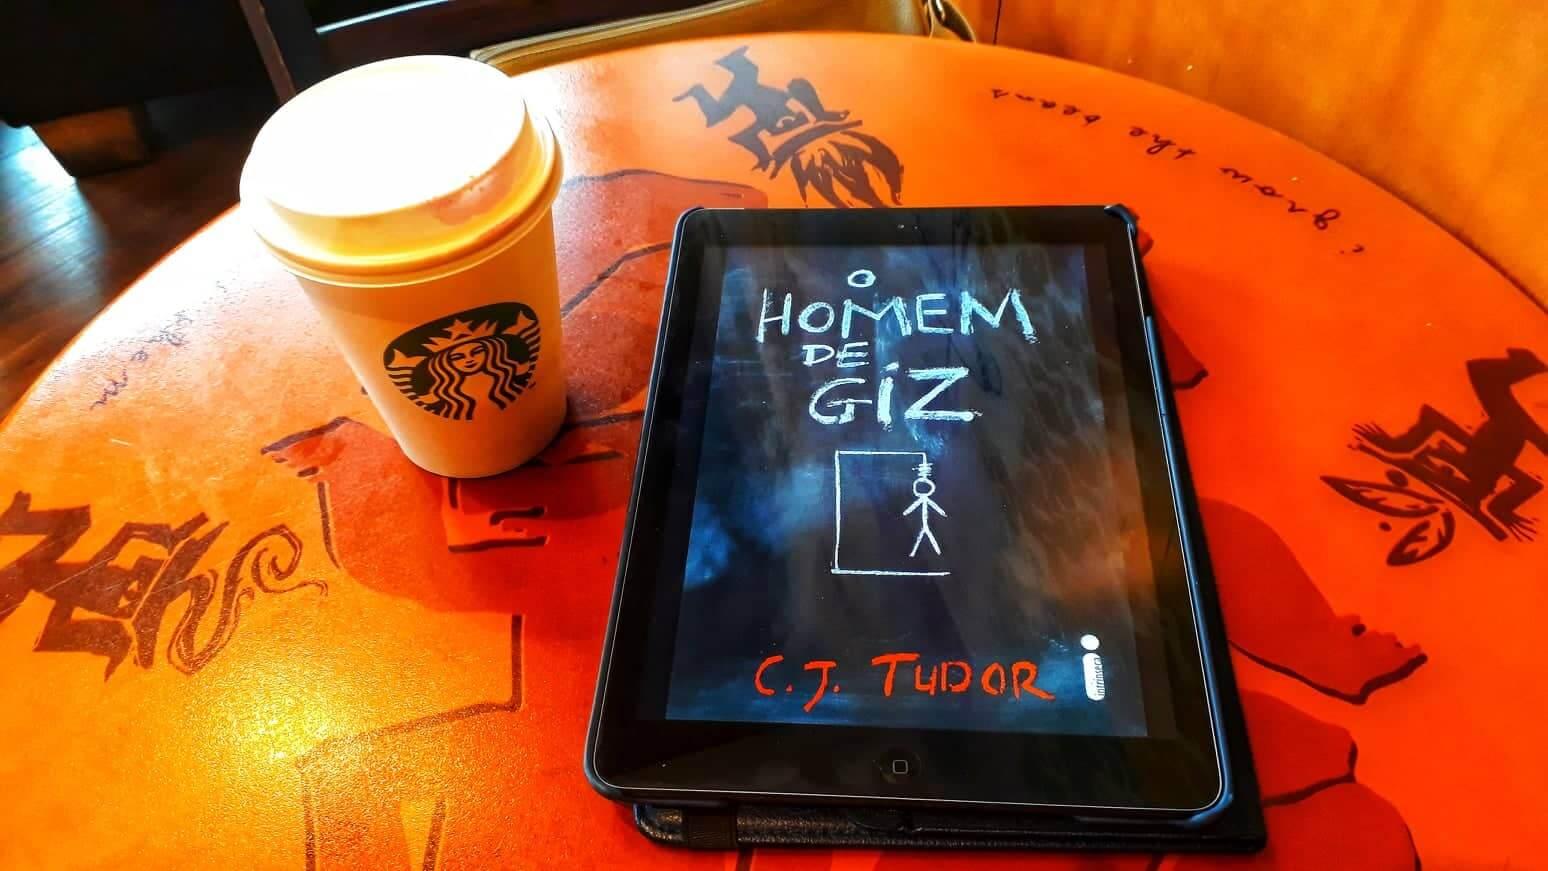 O Homem de Giz, um suspense no clima de Stranger Things e Stephen King